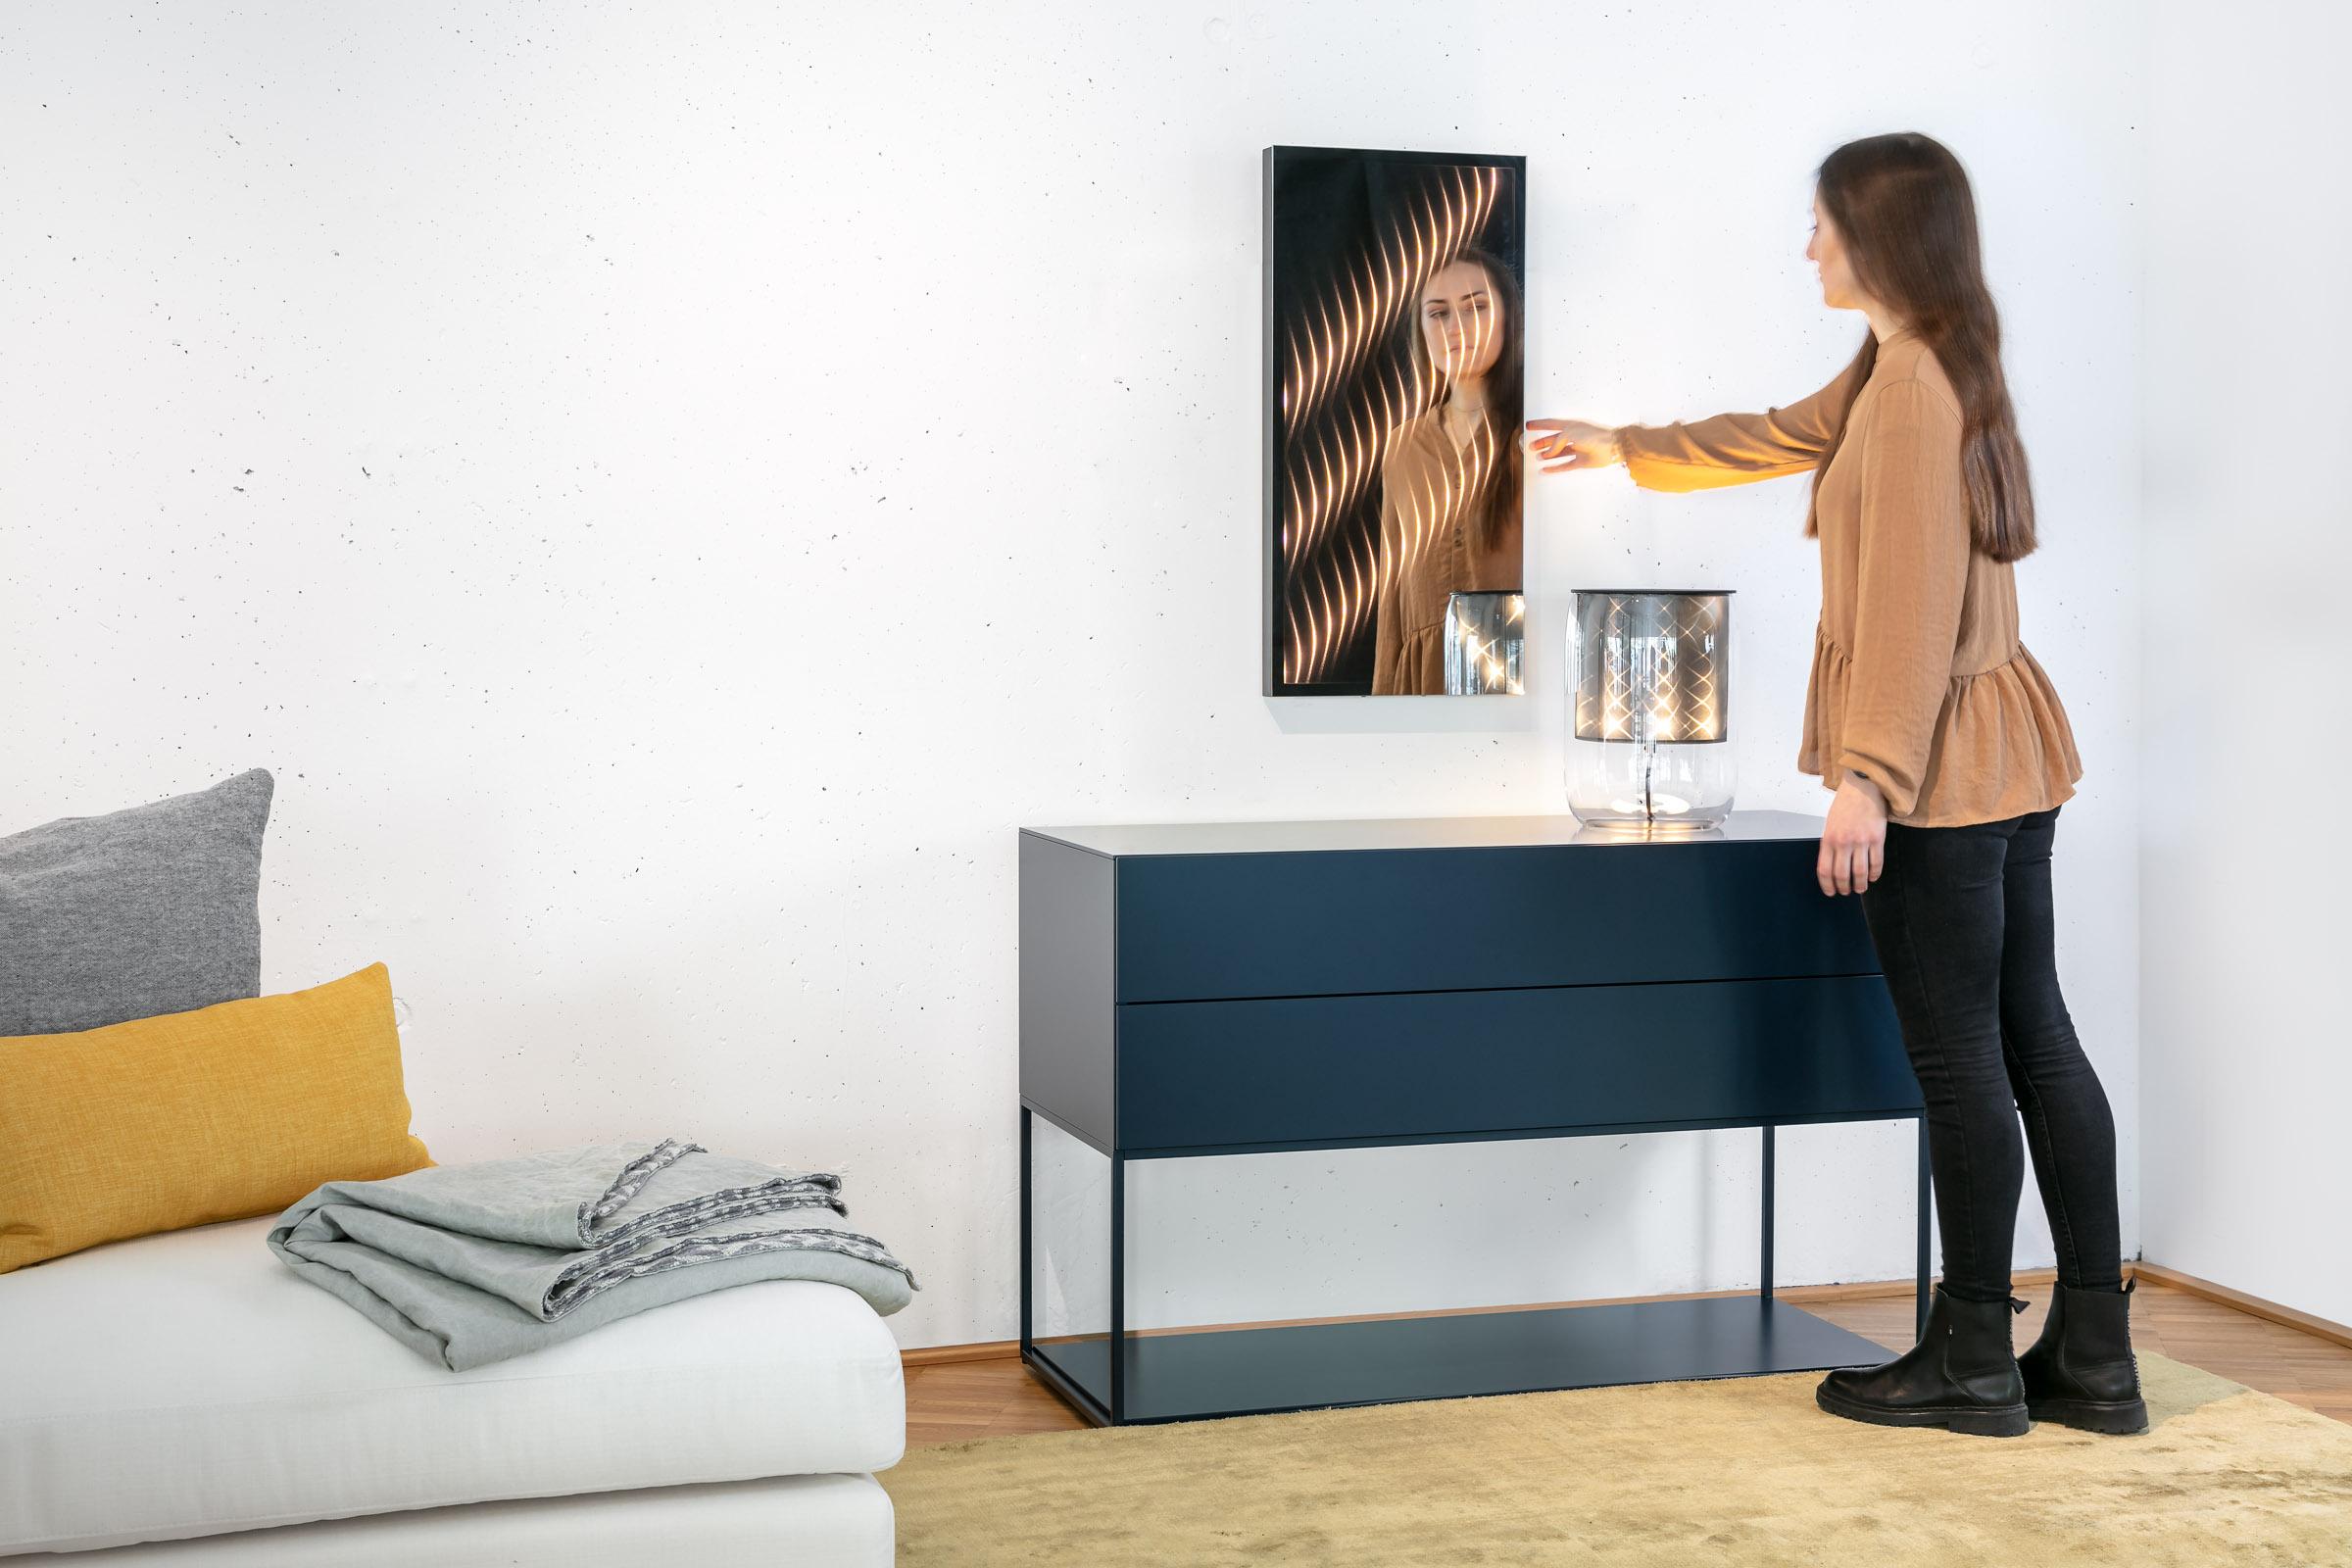 Junge Frau schaltet den kleinen Ambiloom® Wandspiegel am Touchpanel ein